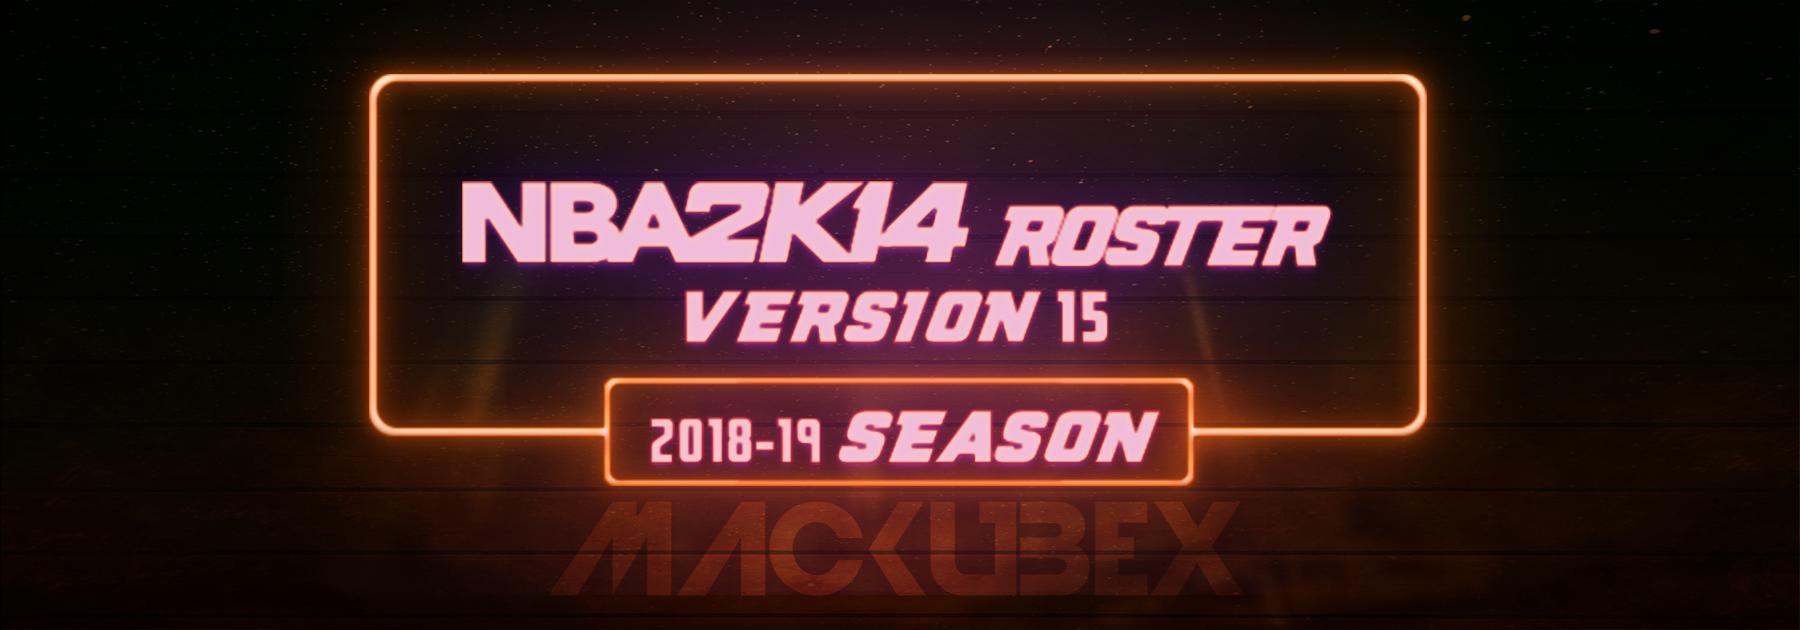 NBA 2K14 Roster Update - MACKUBEX